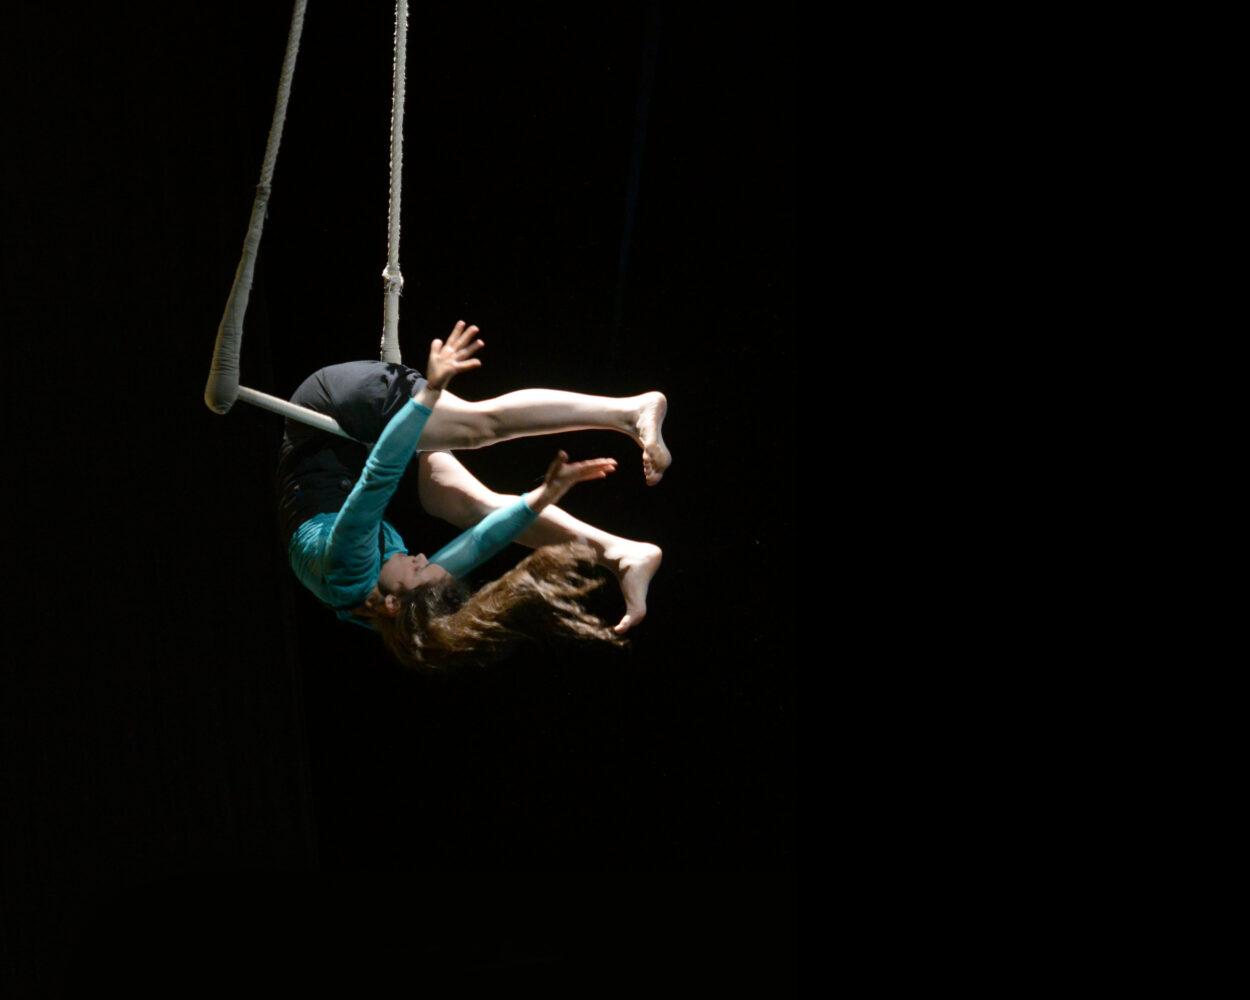 Circo-Y-ahora-qué-1-c-Puntocero-Company-1250x1000